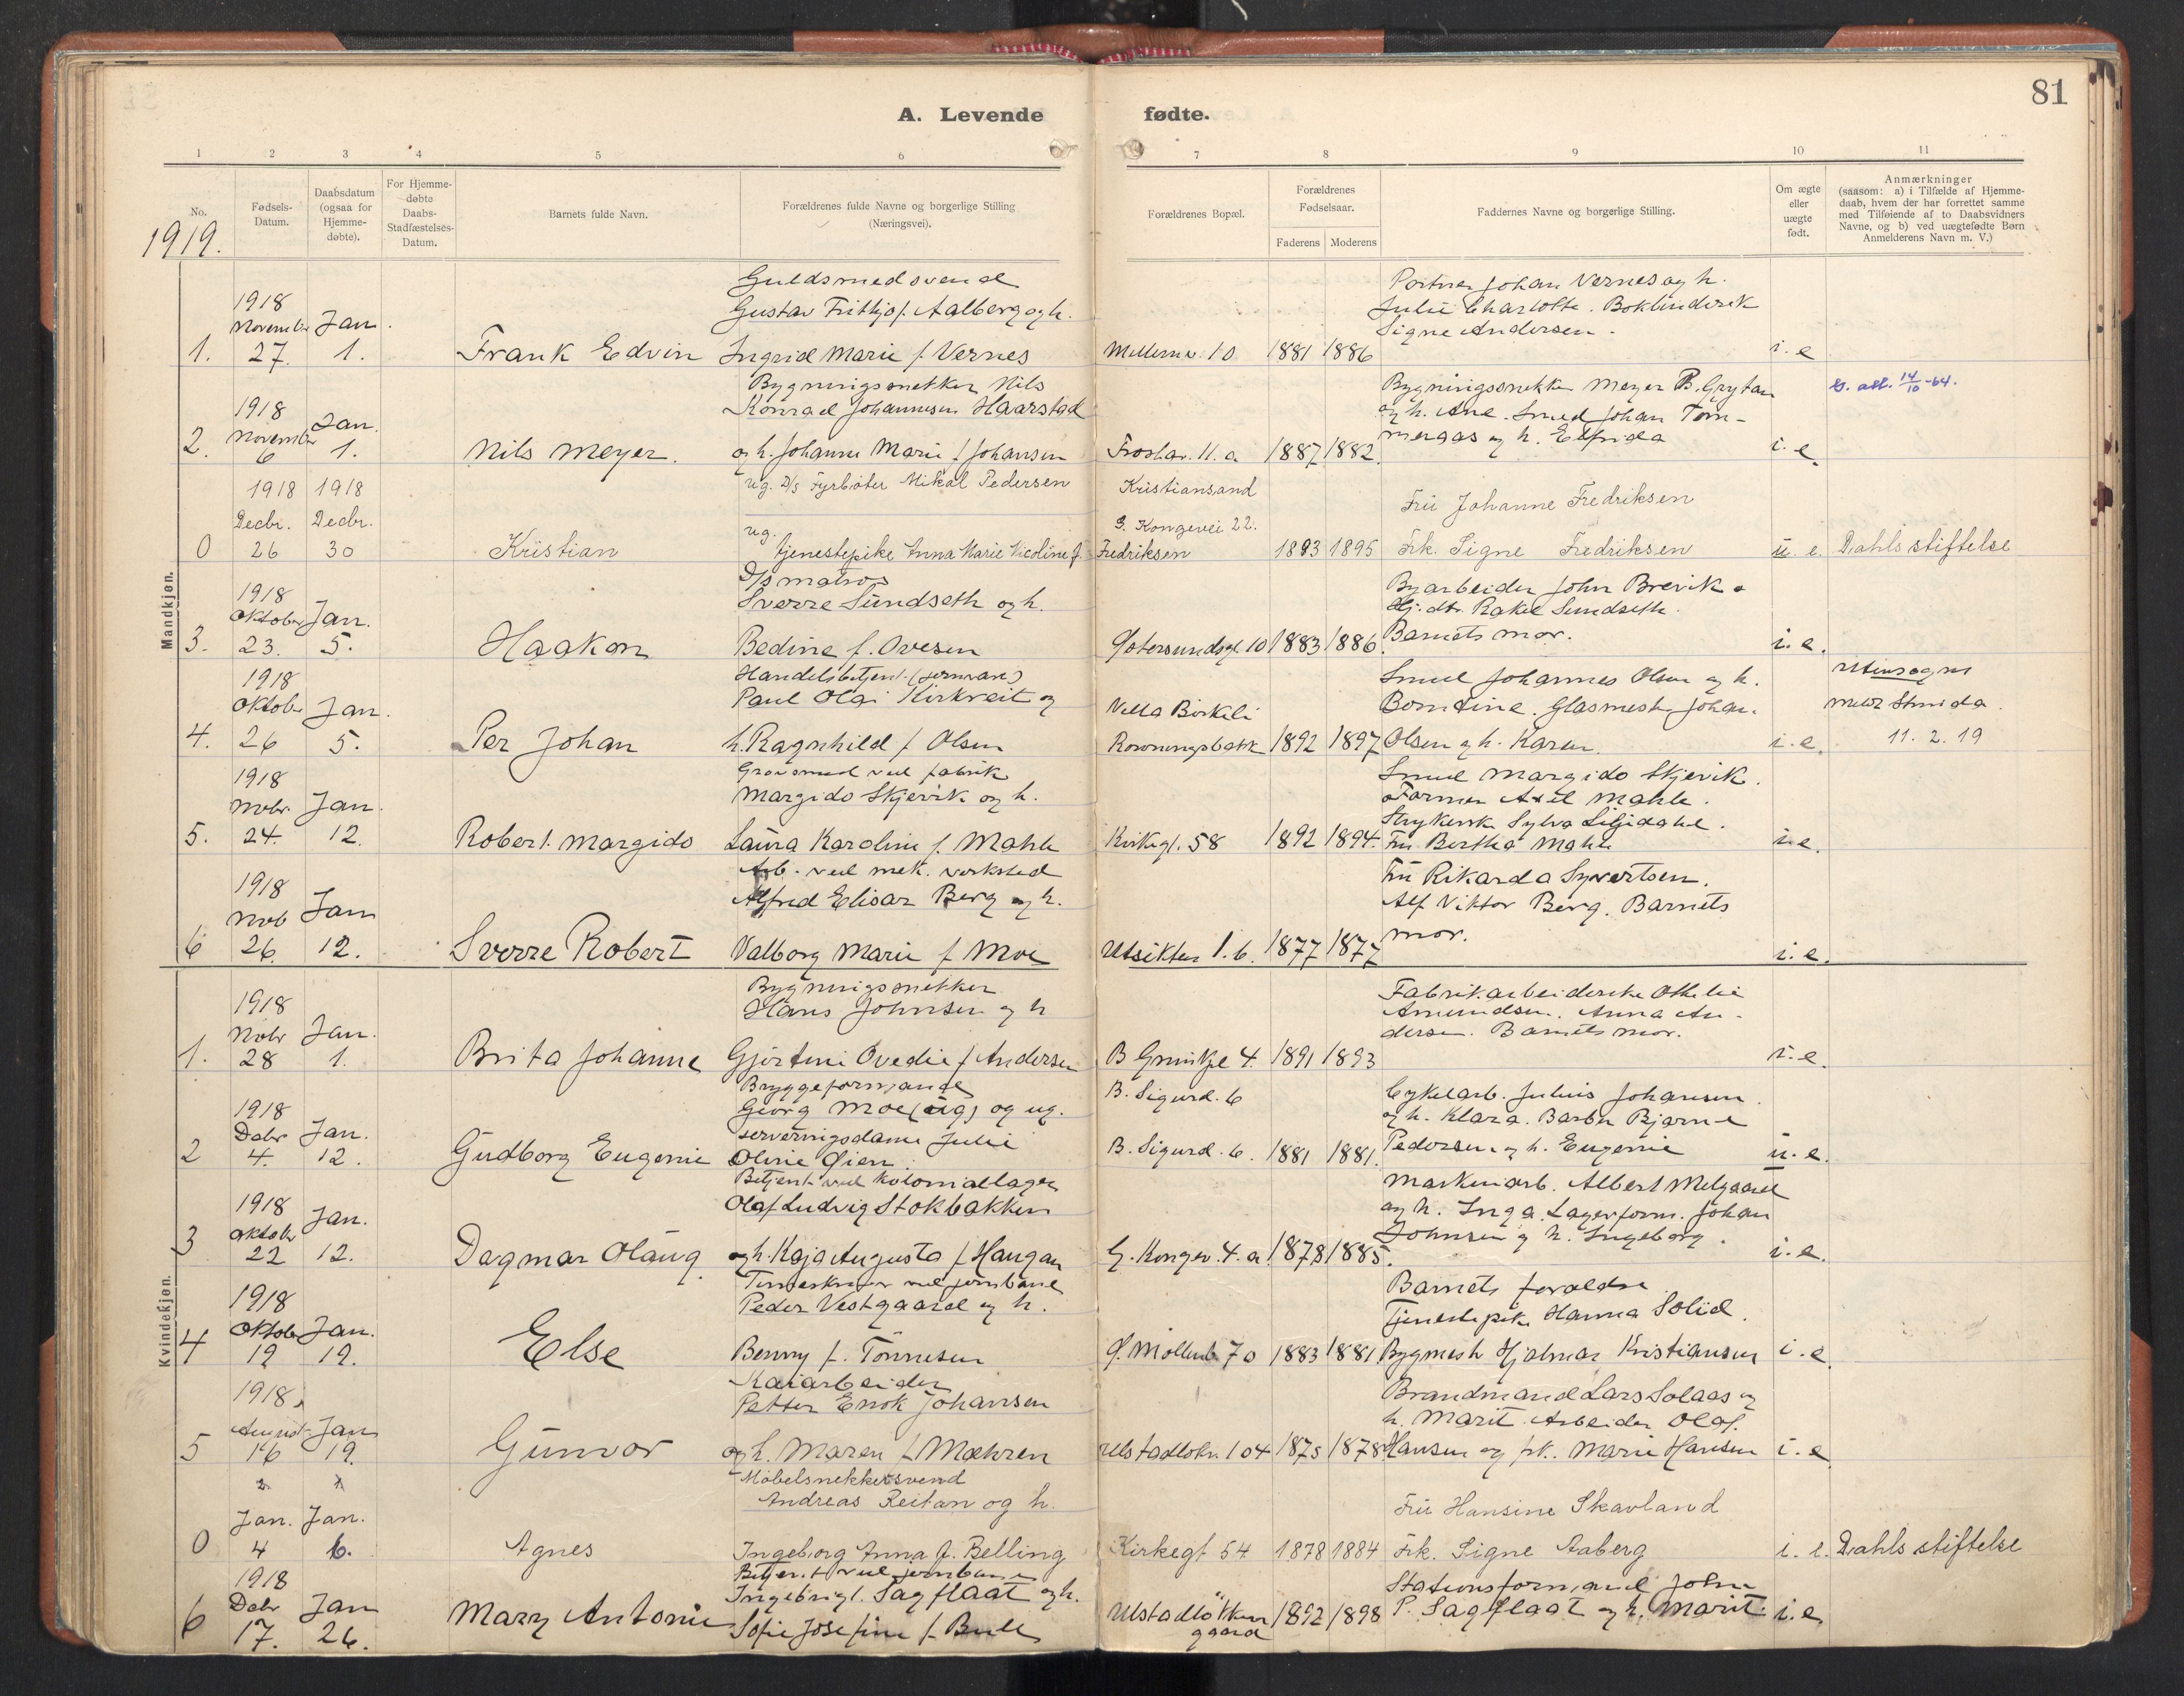 SAT, Ministerialprotokoller, klokkerbøker og fødselsregistre - Sør-Trøndelag, 605/L0246: Ministerialbok nr. 605A08, 1916-1920, s. 81